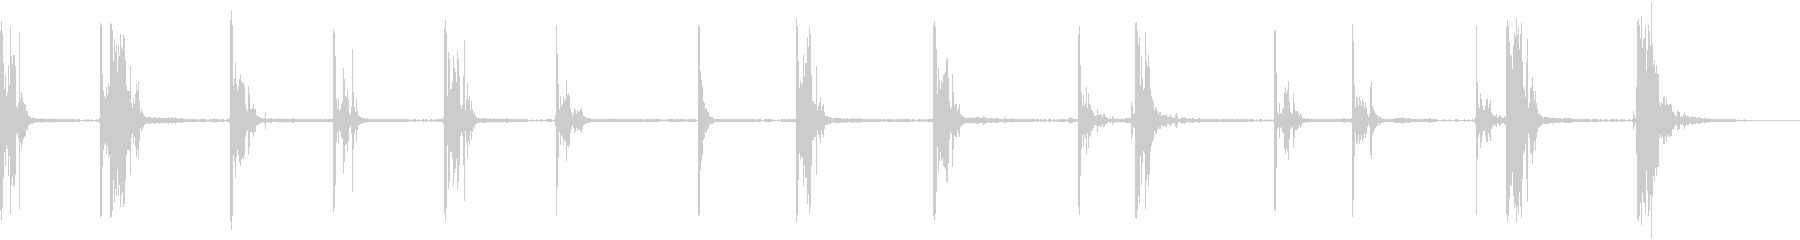 ブラックパウダーキャノン:発射され...の未再生の波形